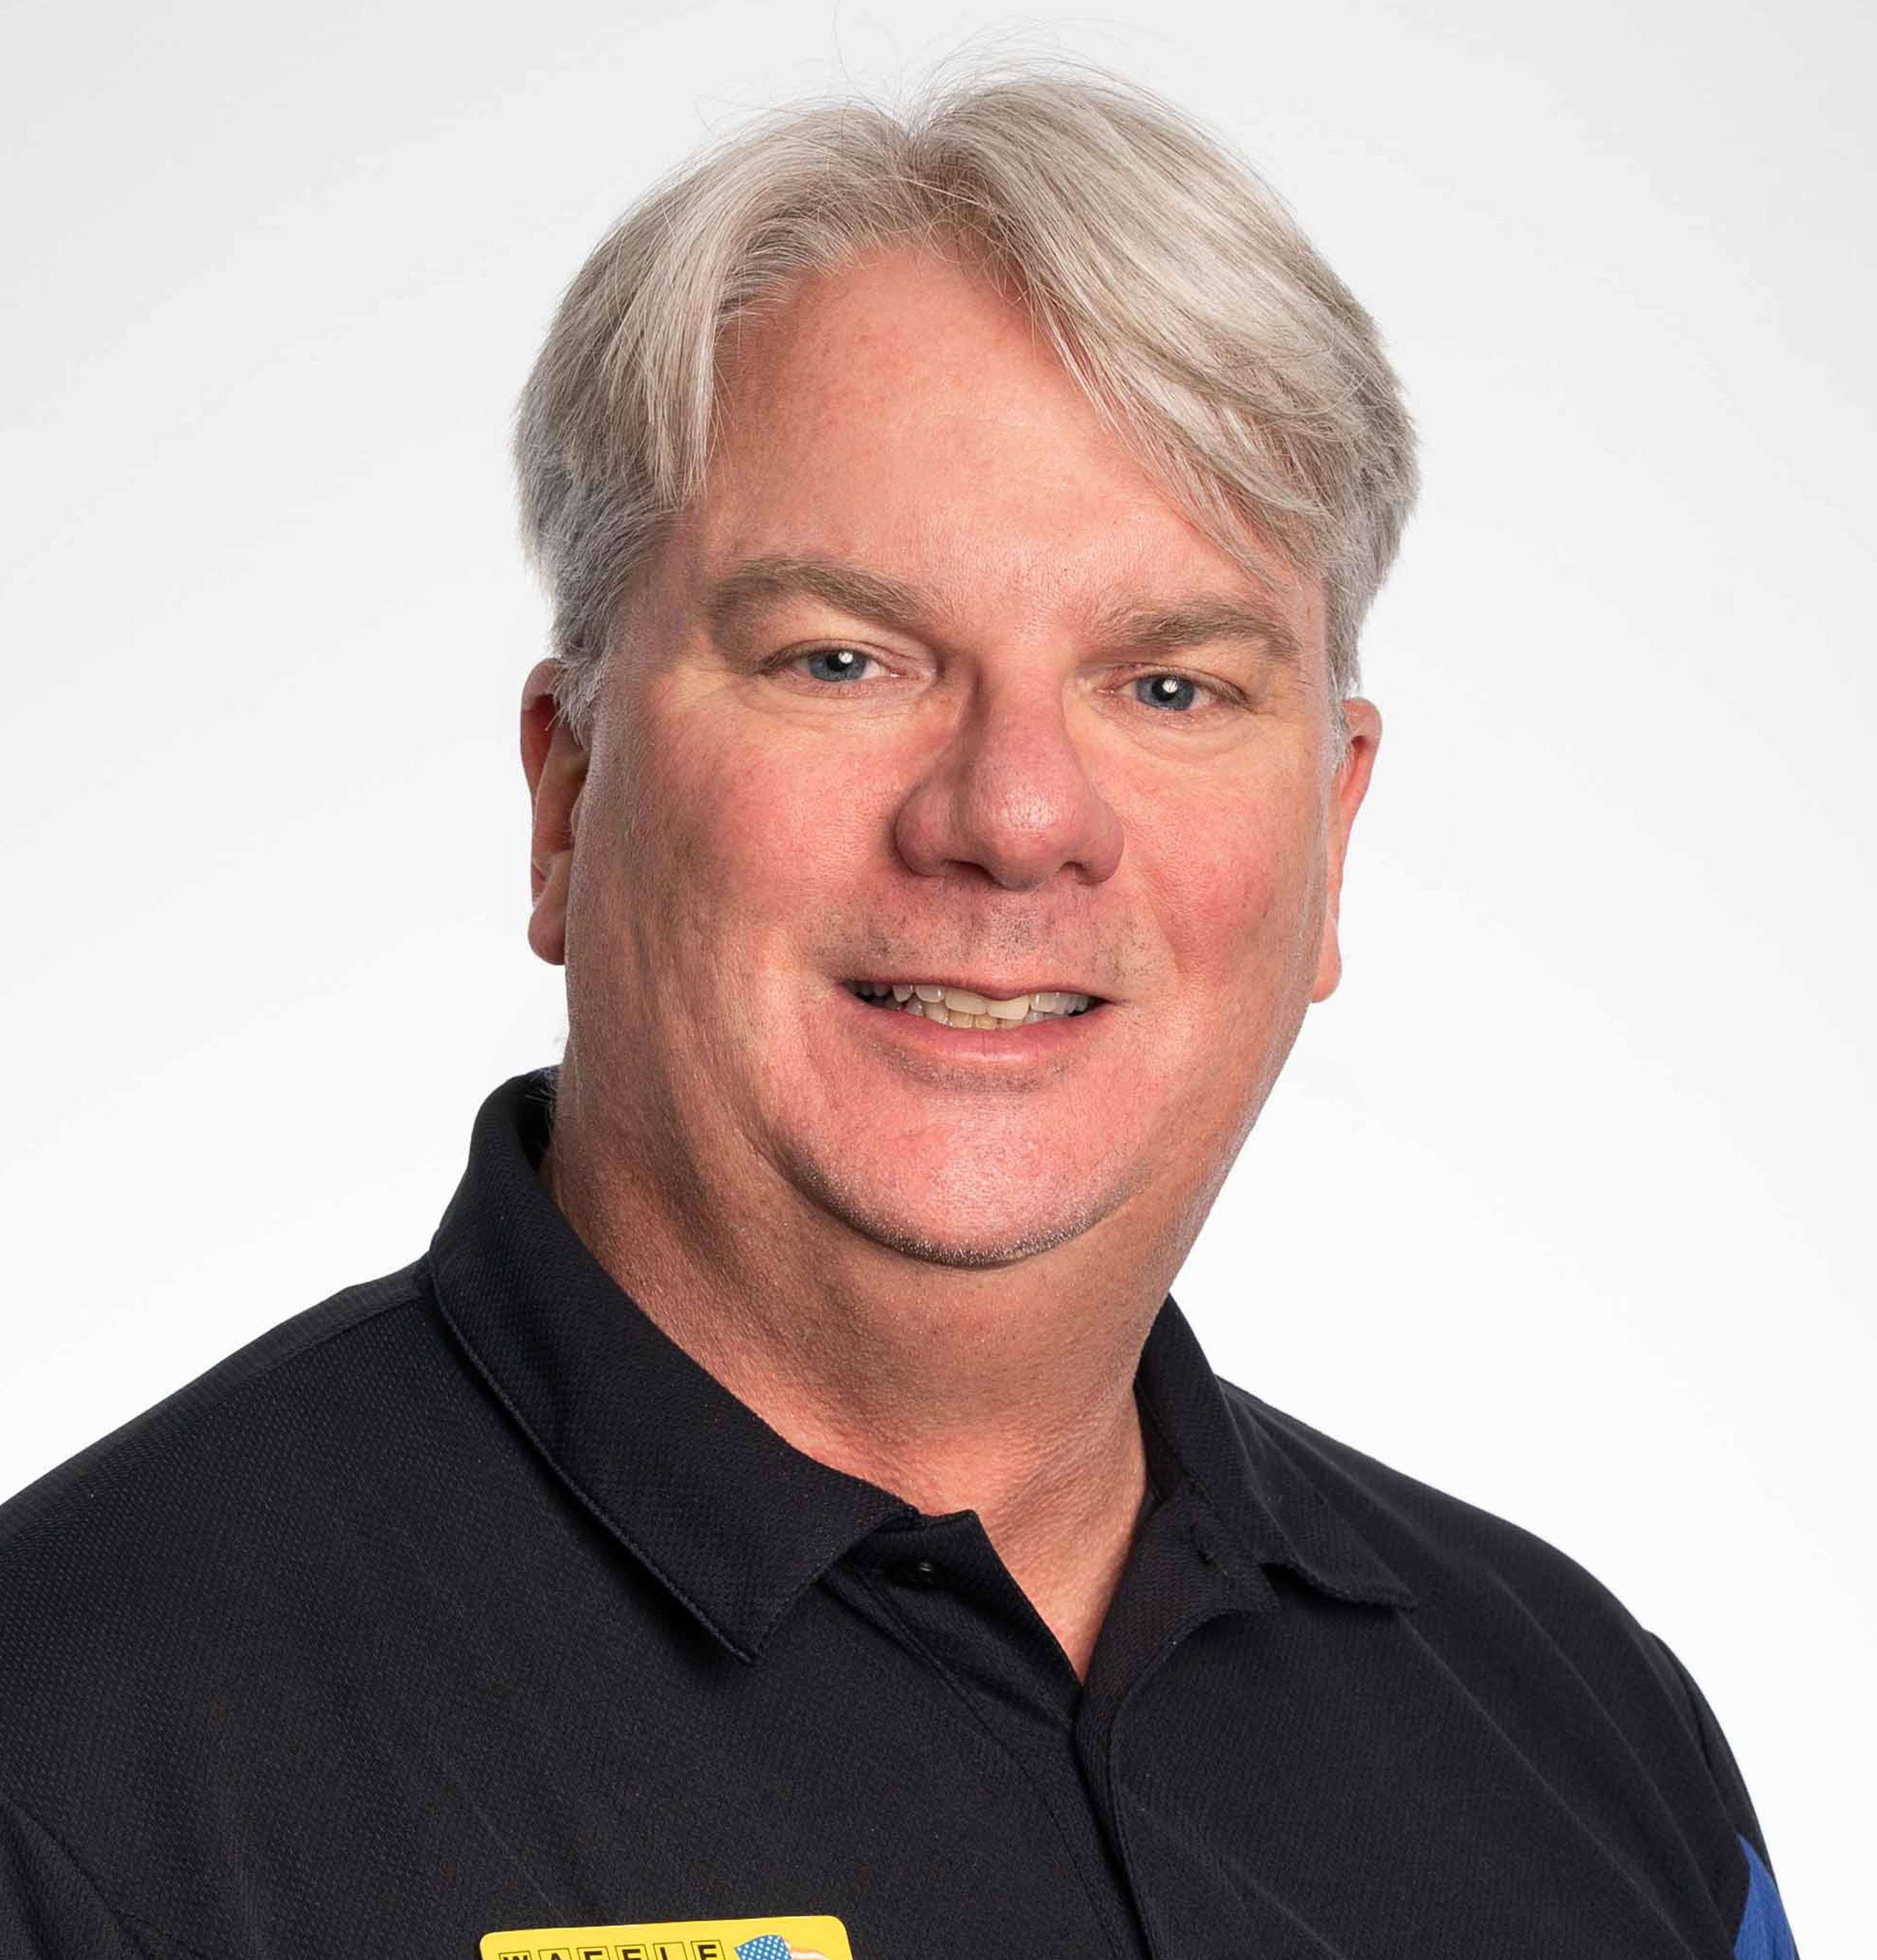 Pat Warner